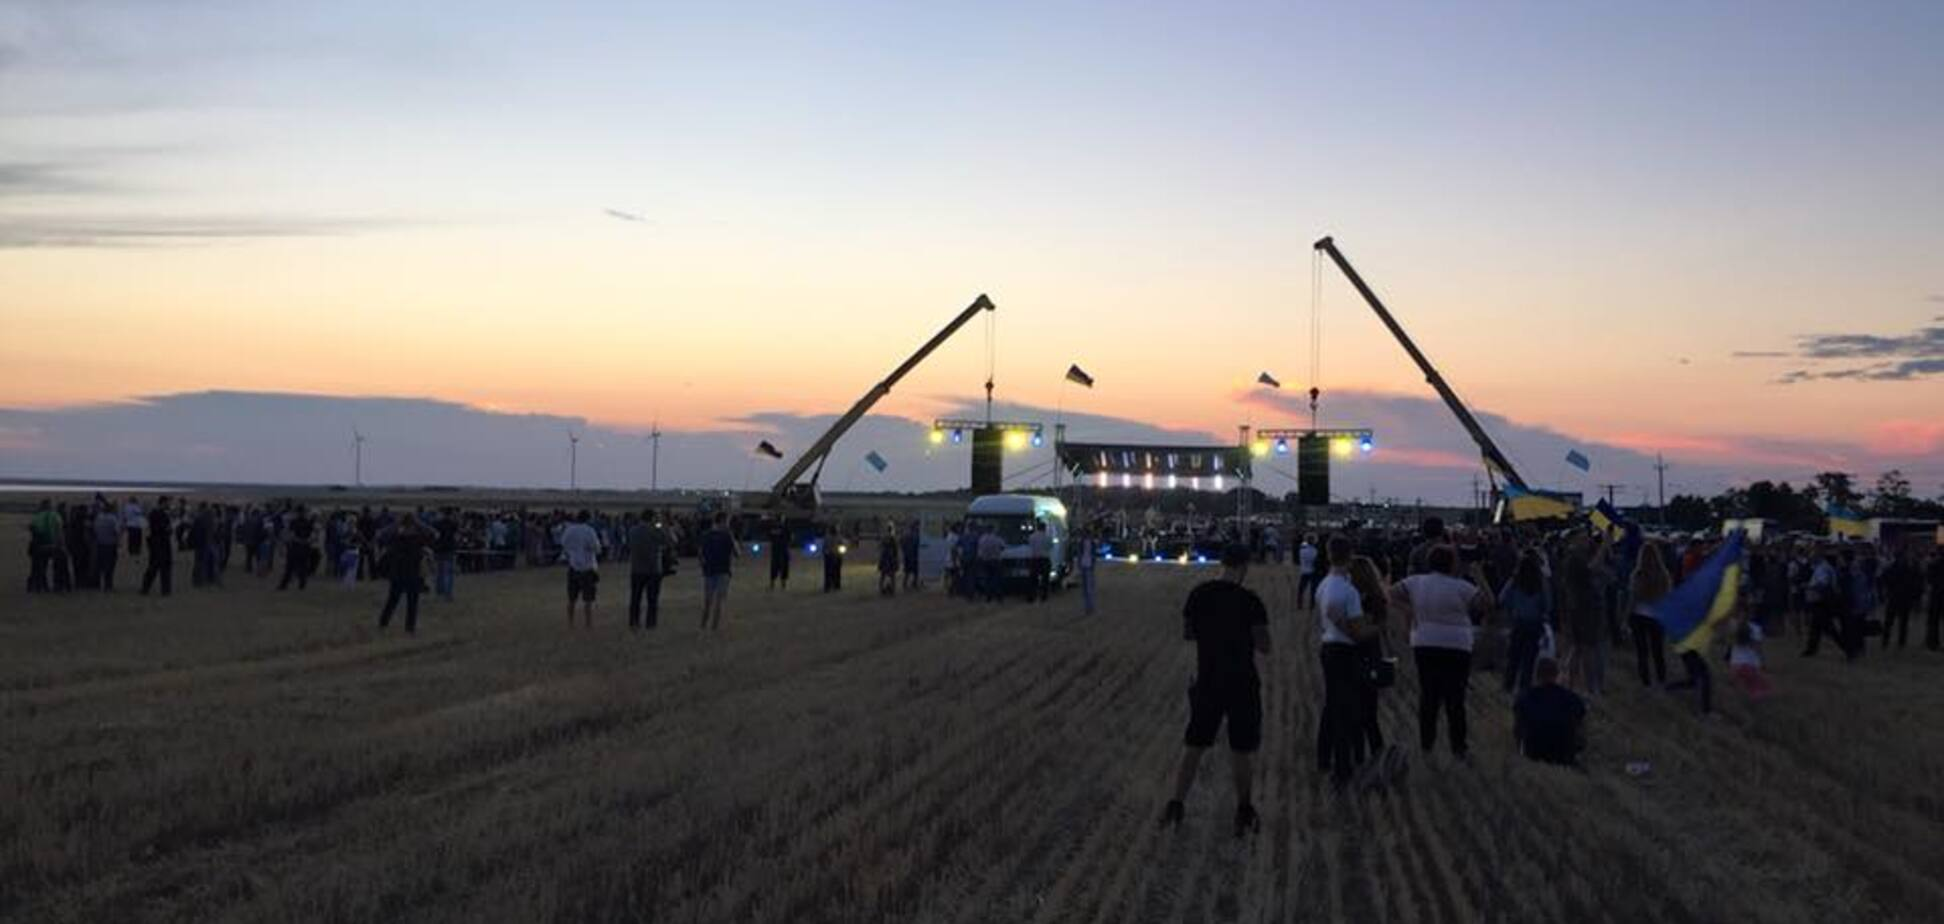 'Там почують і побачать': з'явилося атмосферне відео з гучного концерту 'Бумбокс' поруч з Кримом